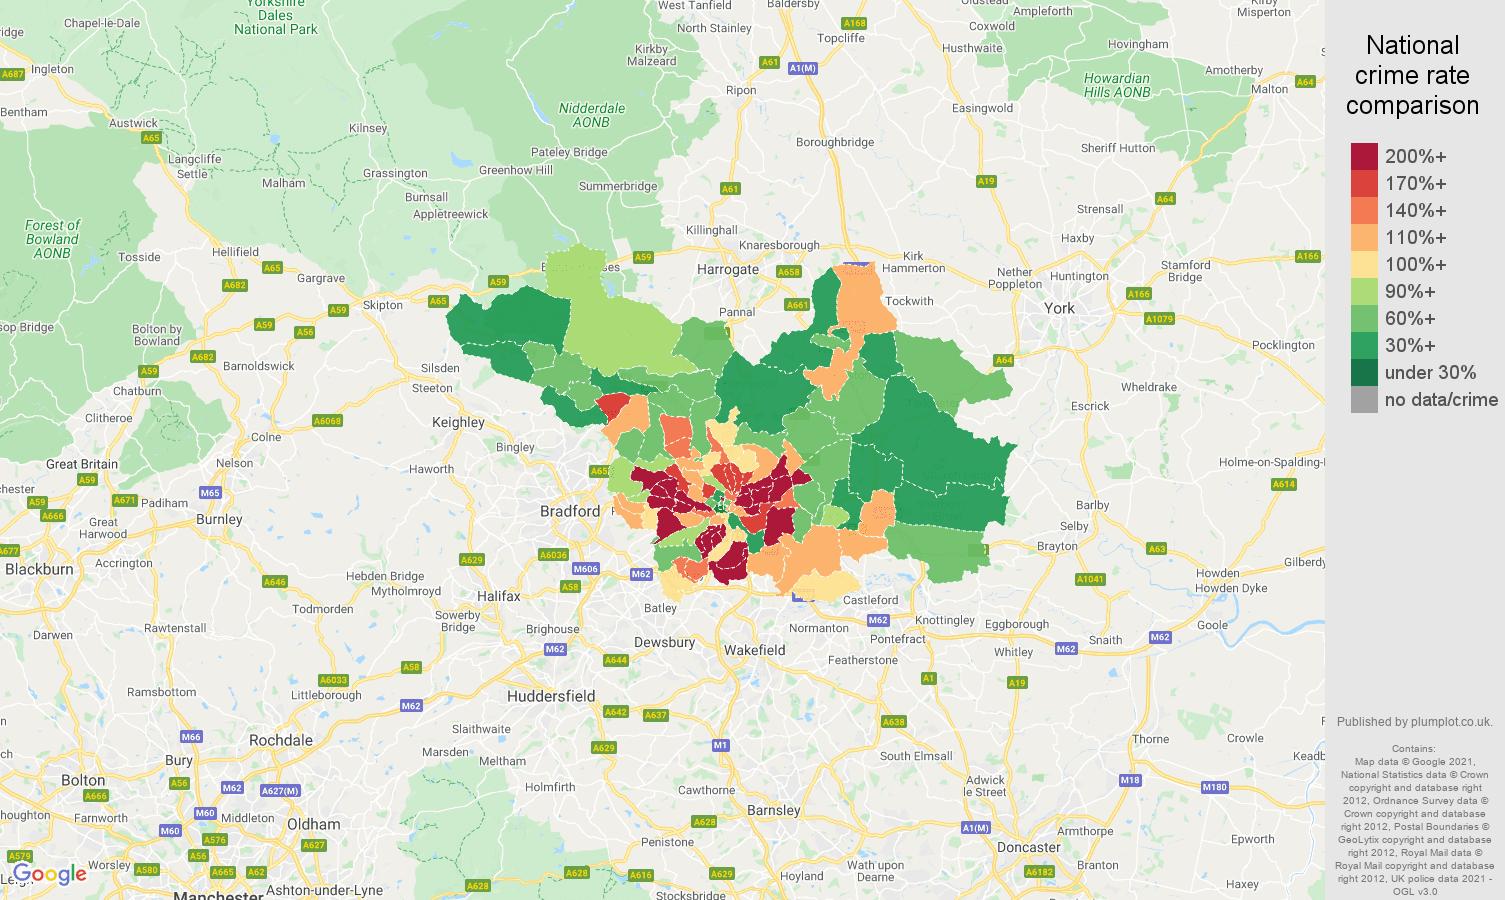 Leeds violent crime rate comparison map